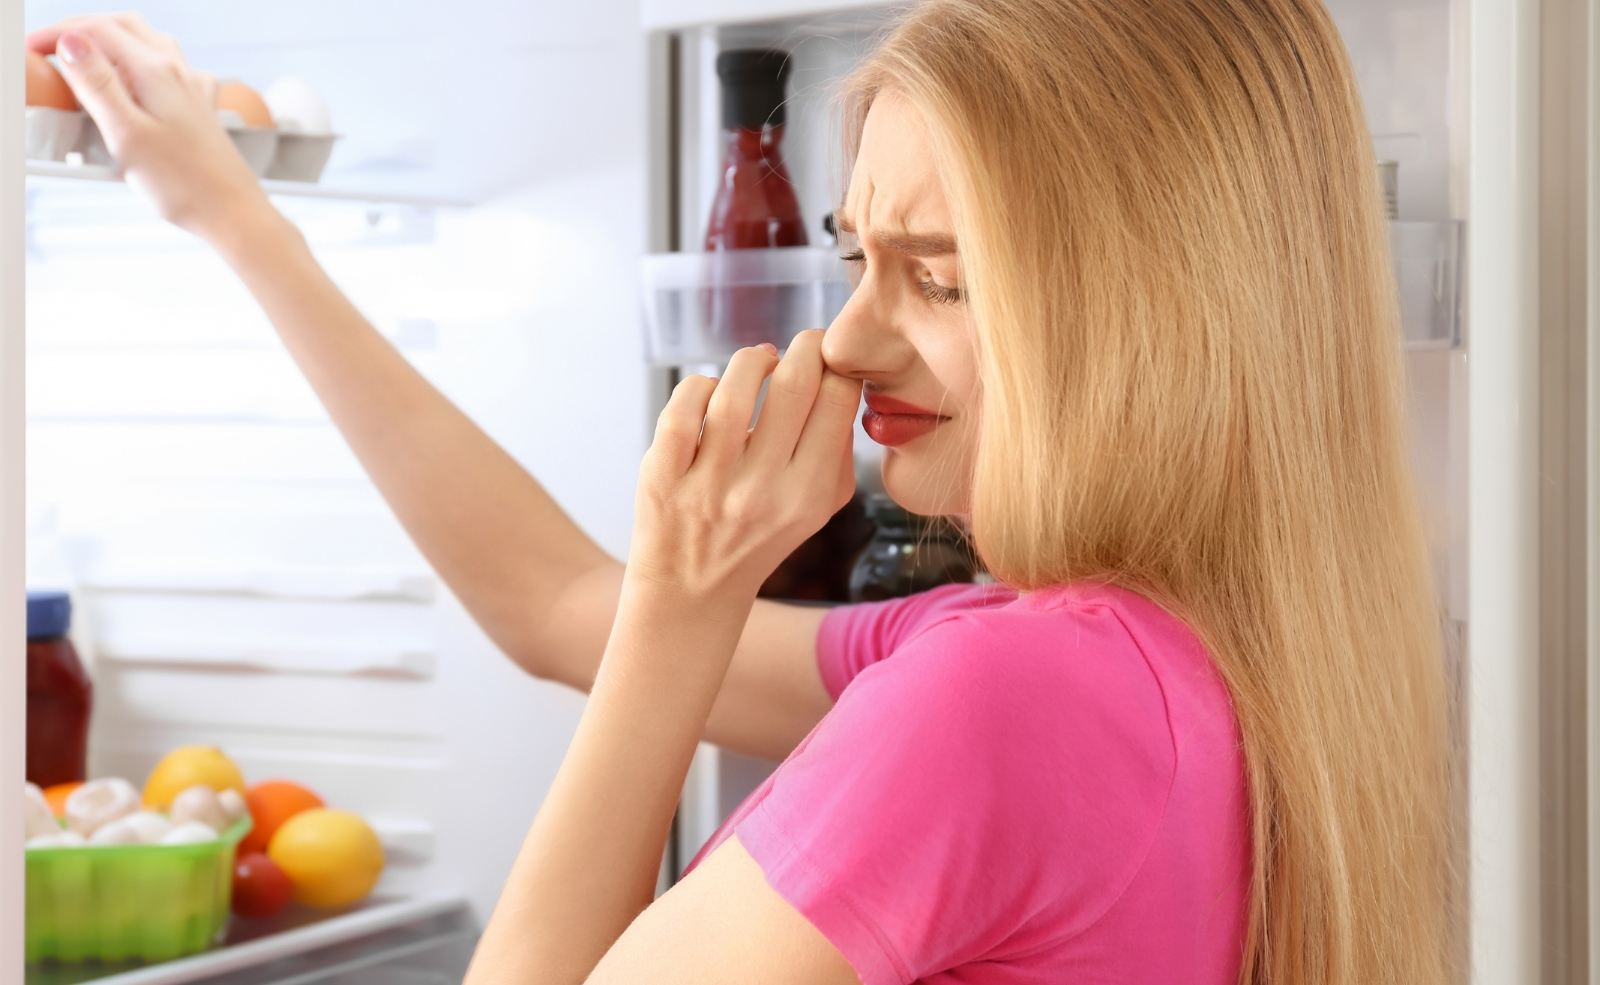 Kühlschrank stinkt - was tun?